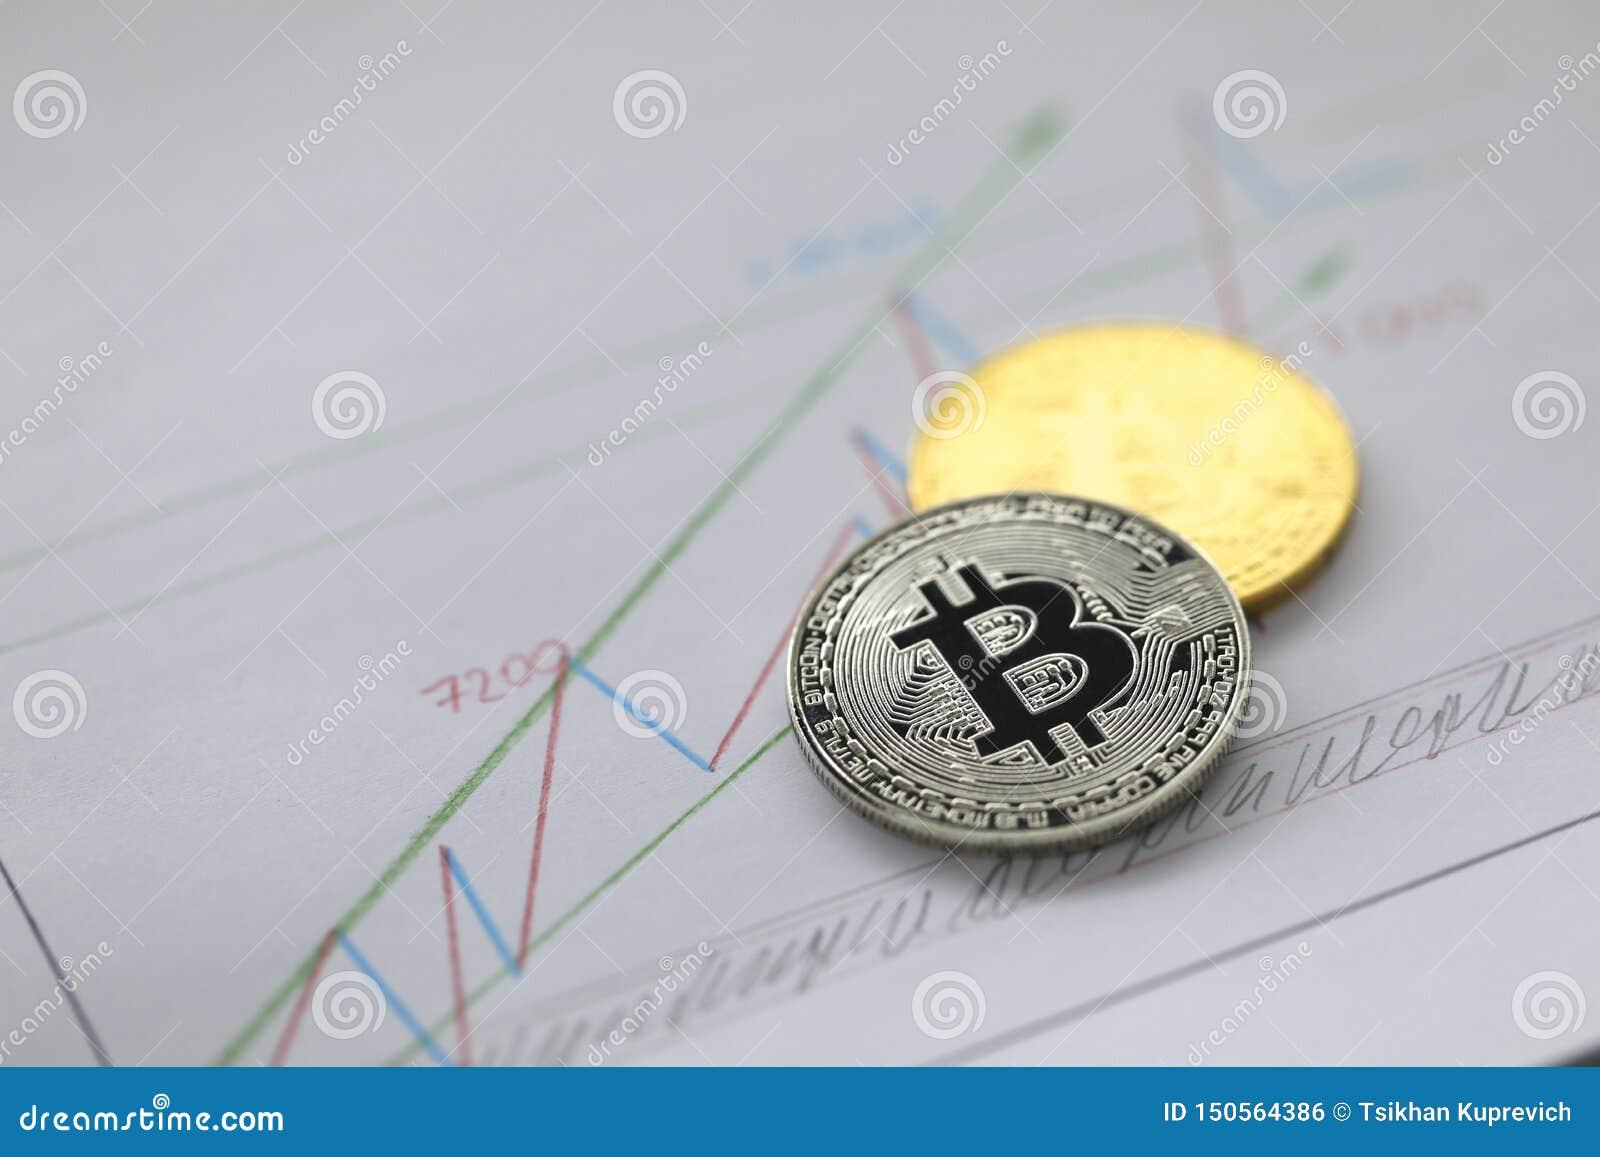 Το ασημένιο και χρυσό νόμισμα του bitcoin βρίσκεται στην επιχείρηση